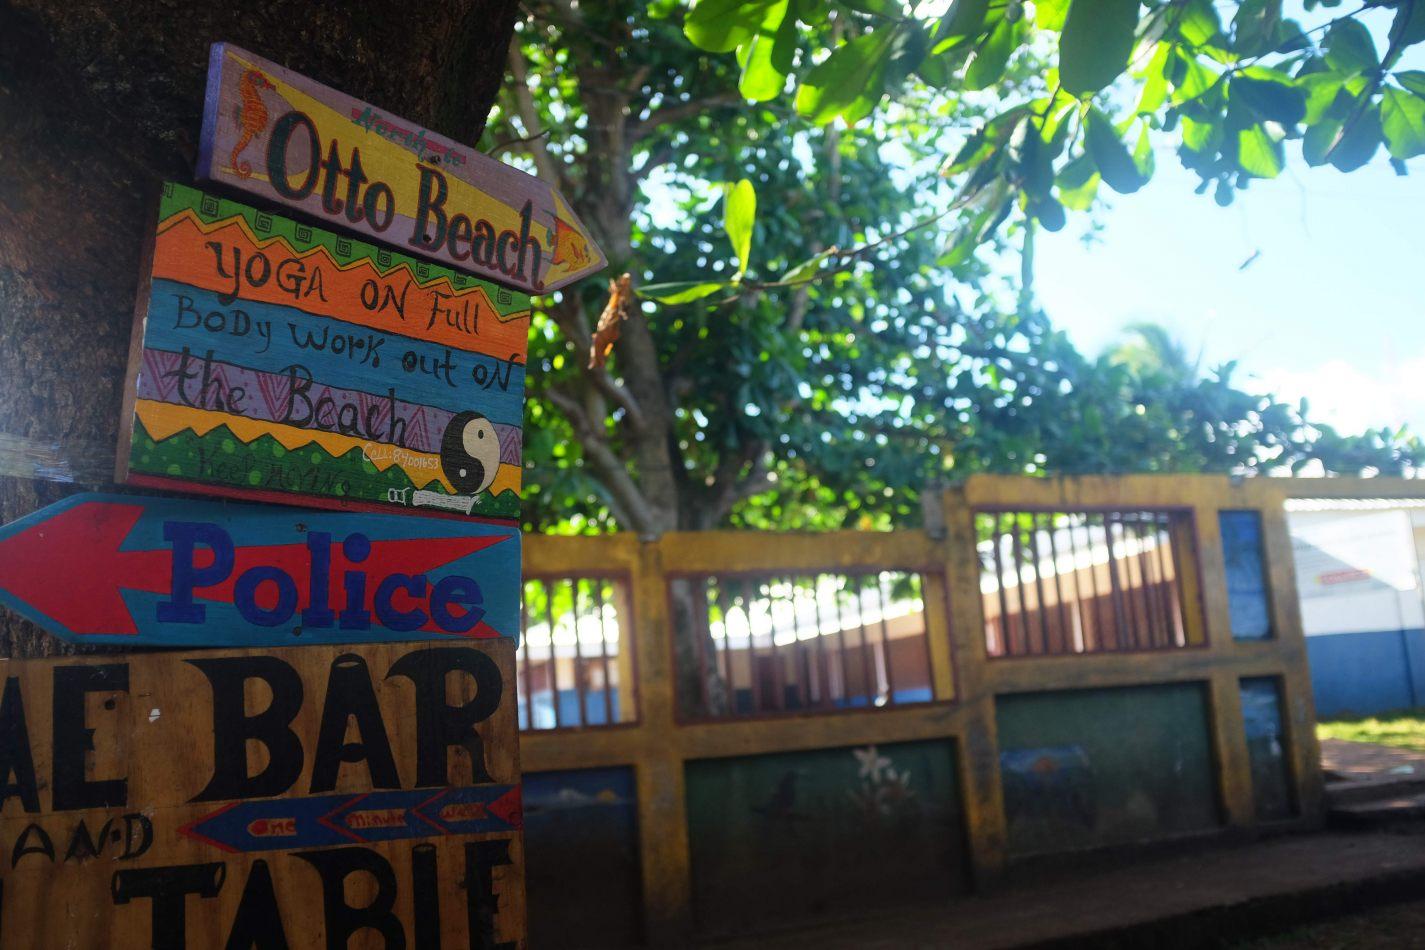 Hibiscus & Nomada : - - Otto Beach